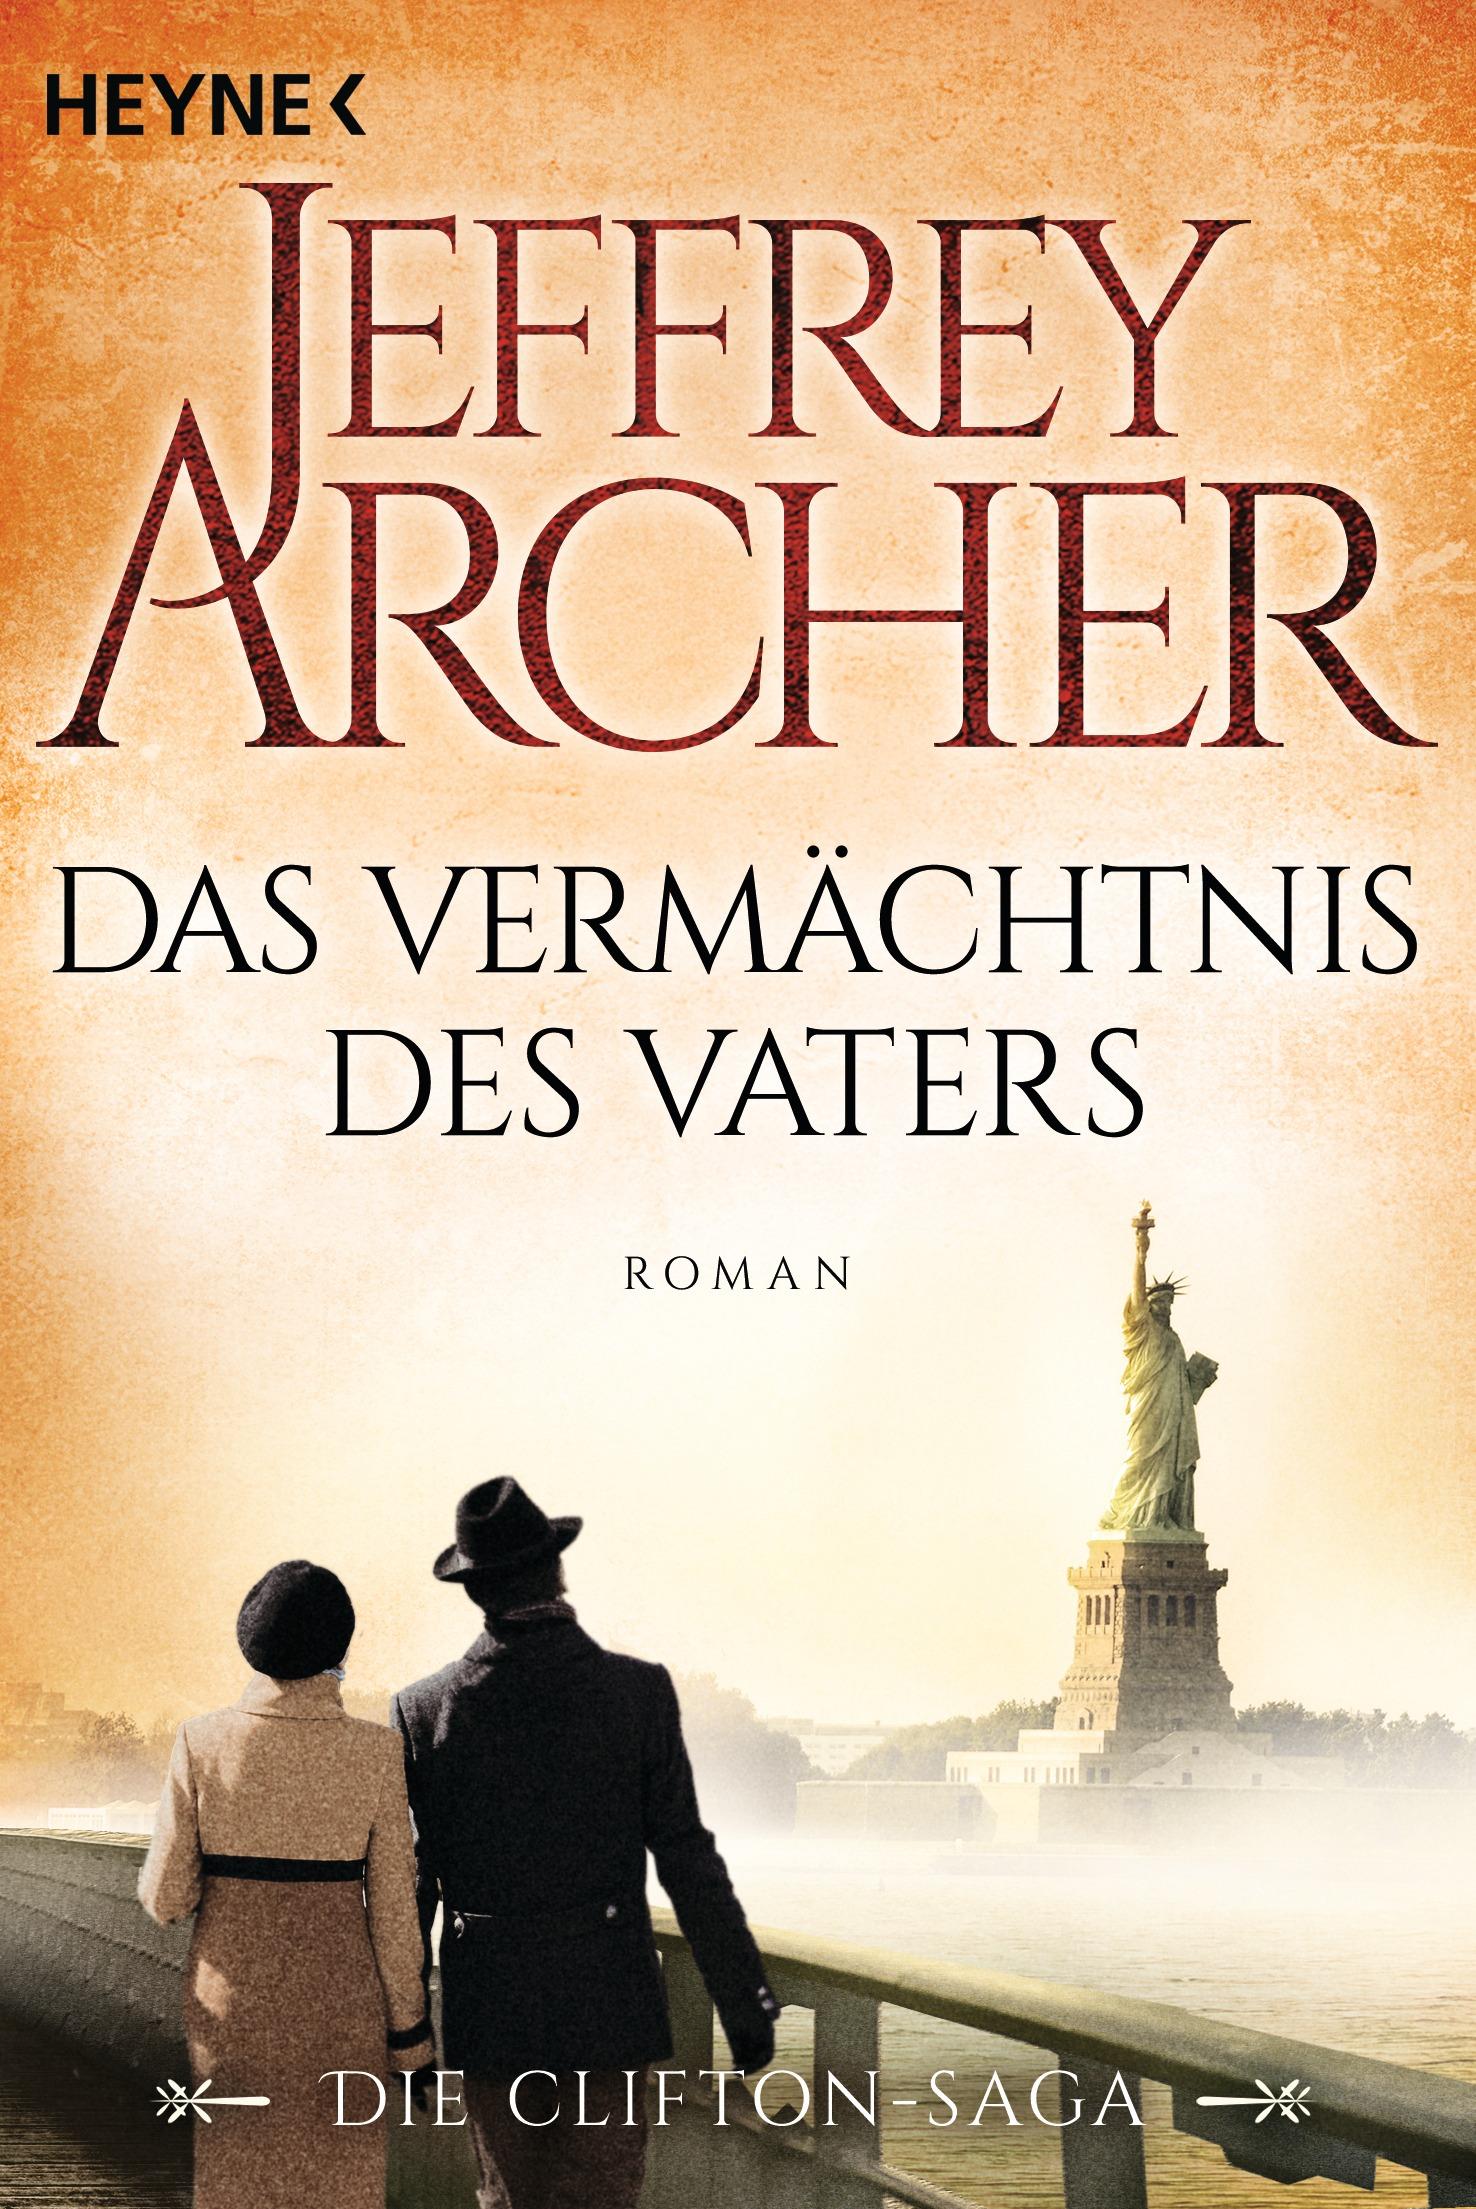 Das Vermächtnis des Vaters: Die Clifton Saga 2 - Jeffrey Archer